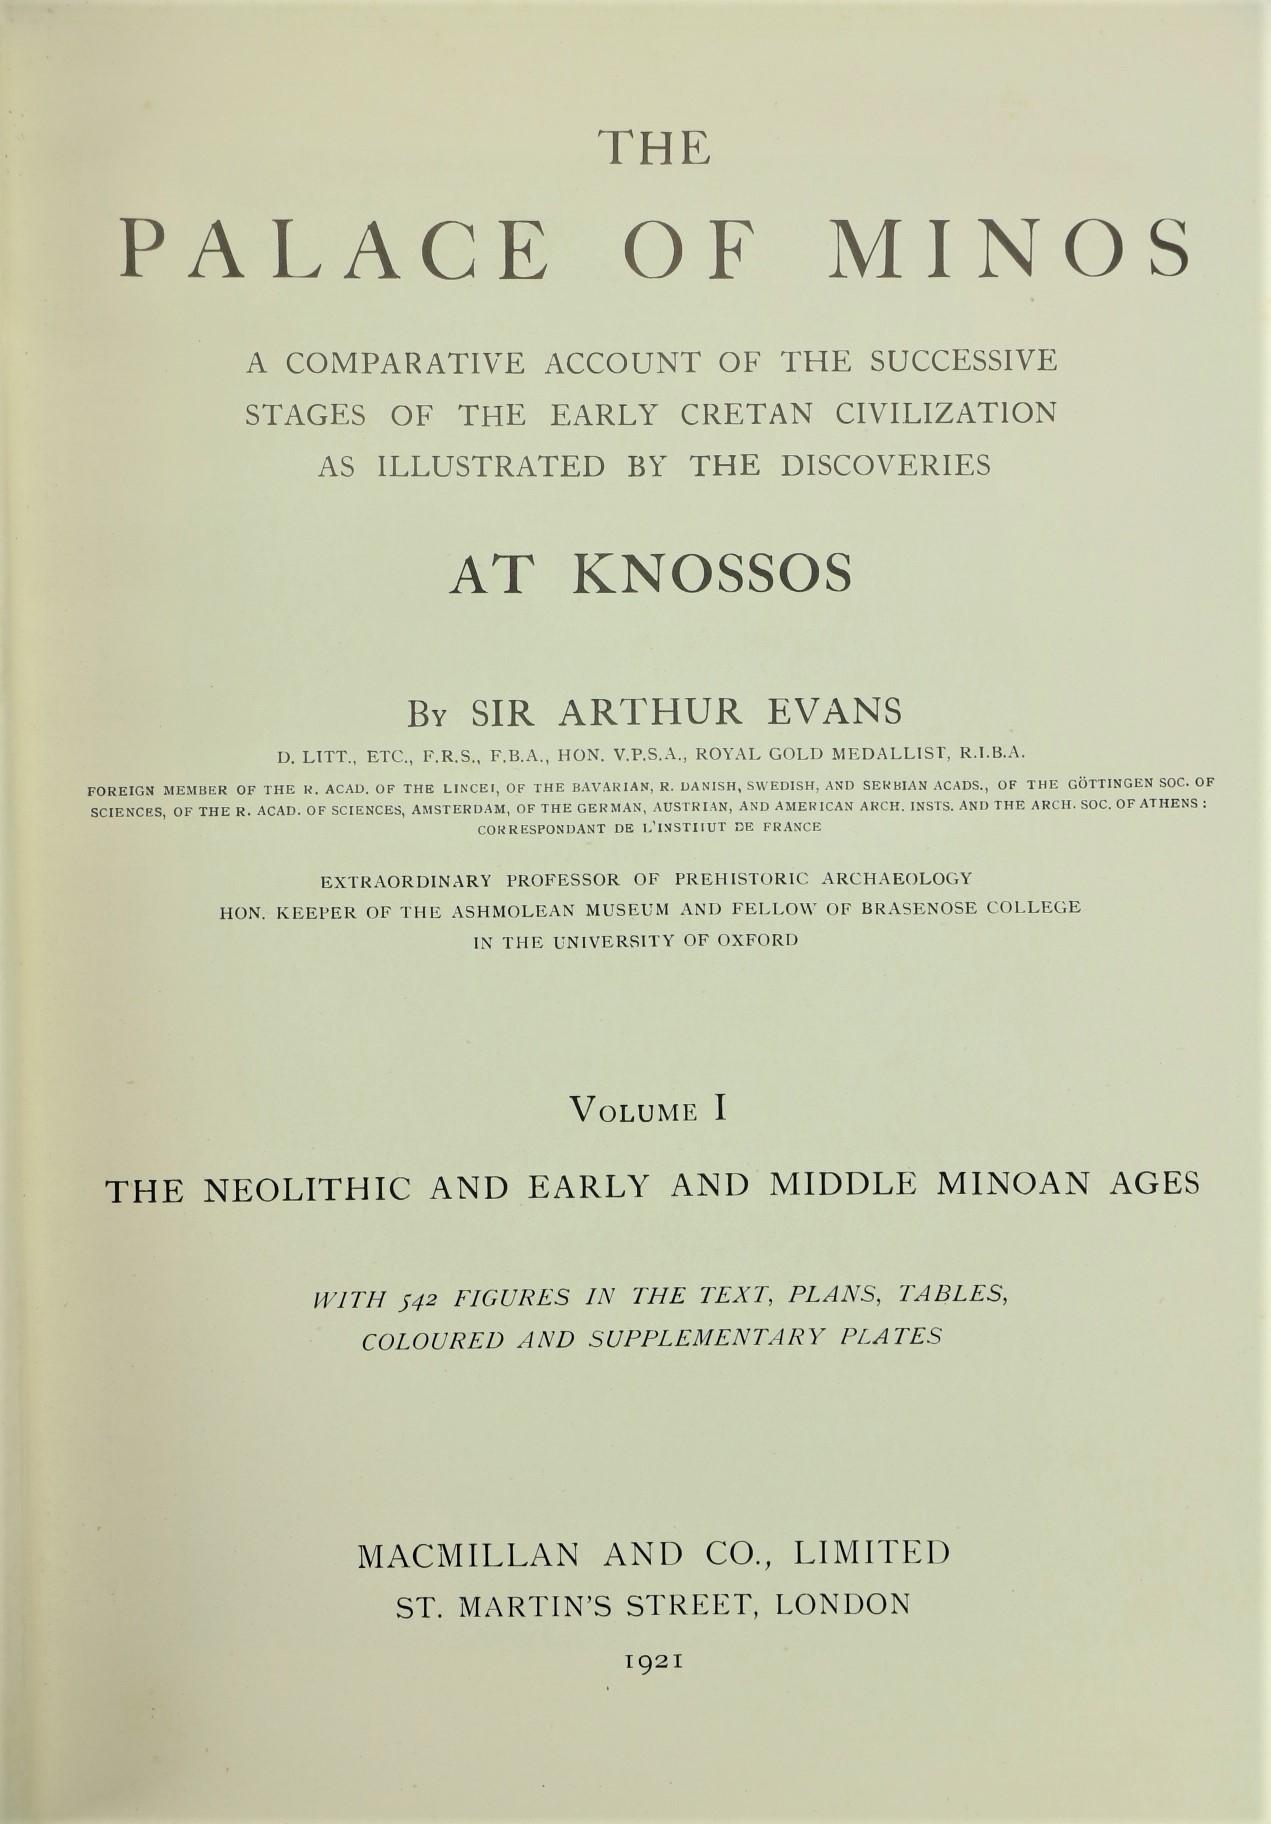 Evans (Sir Arthur)ÿThe Palaceÿof Minos,... at Knossos, Vols. 1 - 3, in 4 vols., 4to L. 1921 - 1930. - Image 2 of 4